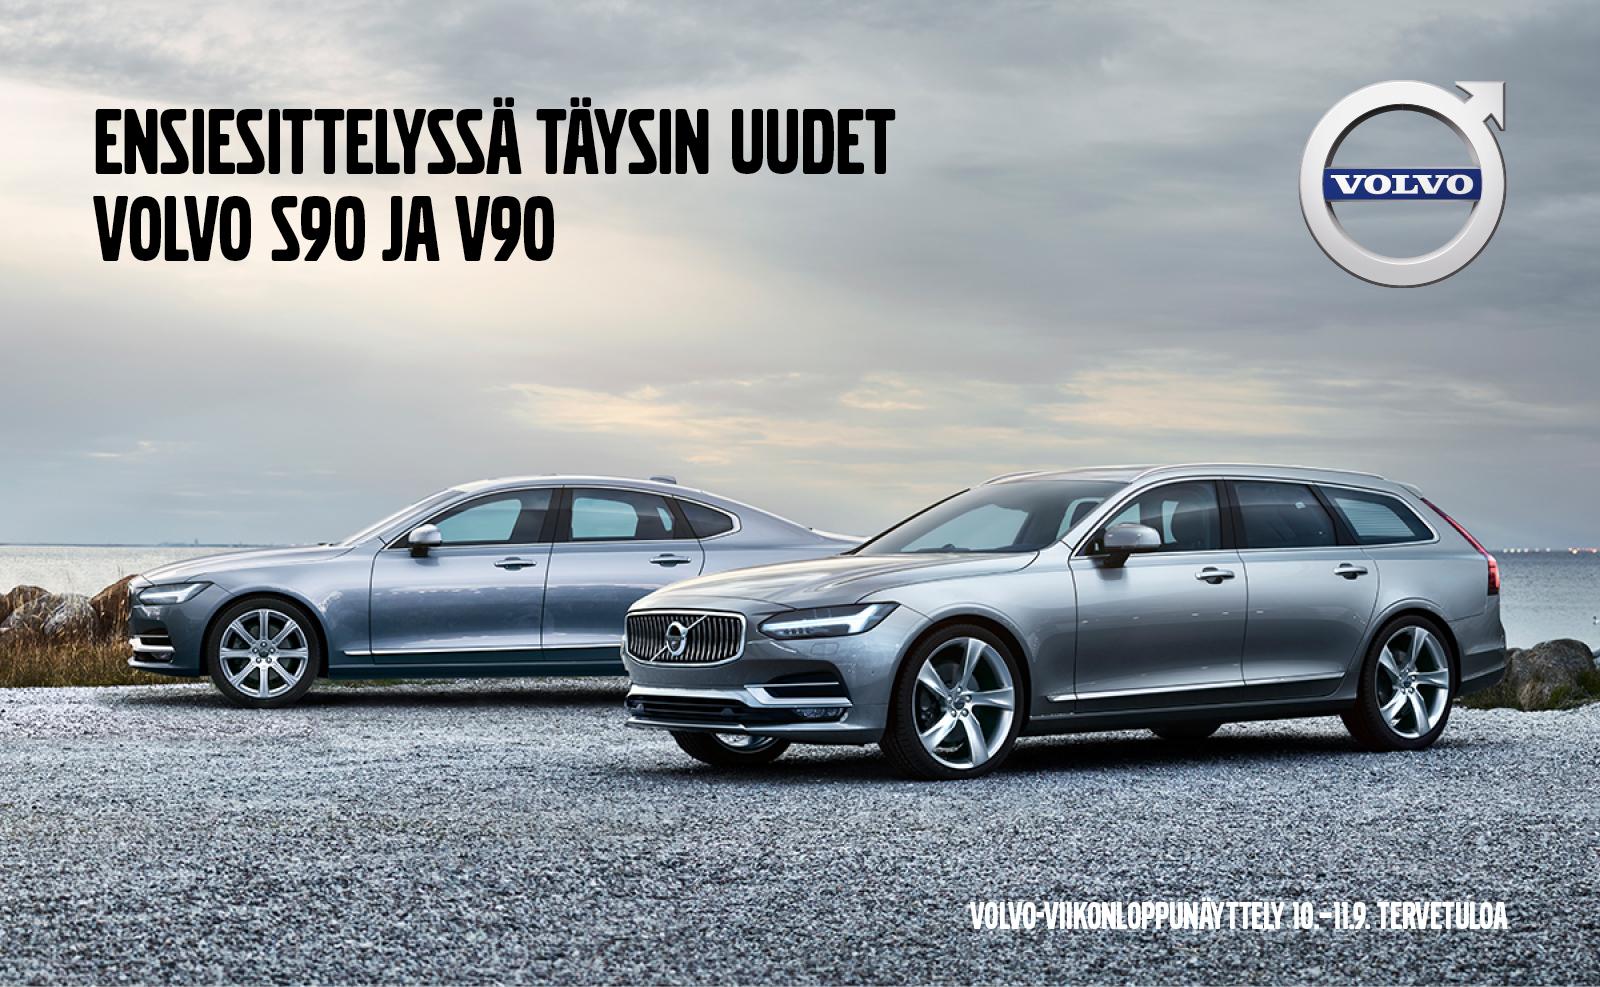 Ensiesittelyssä Täysin uudet Volvo S90 ja V90